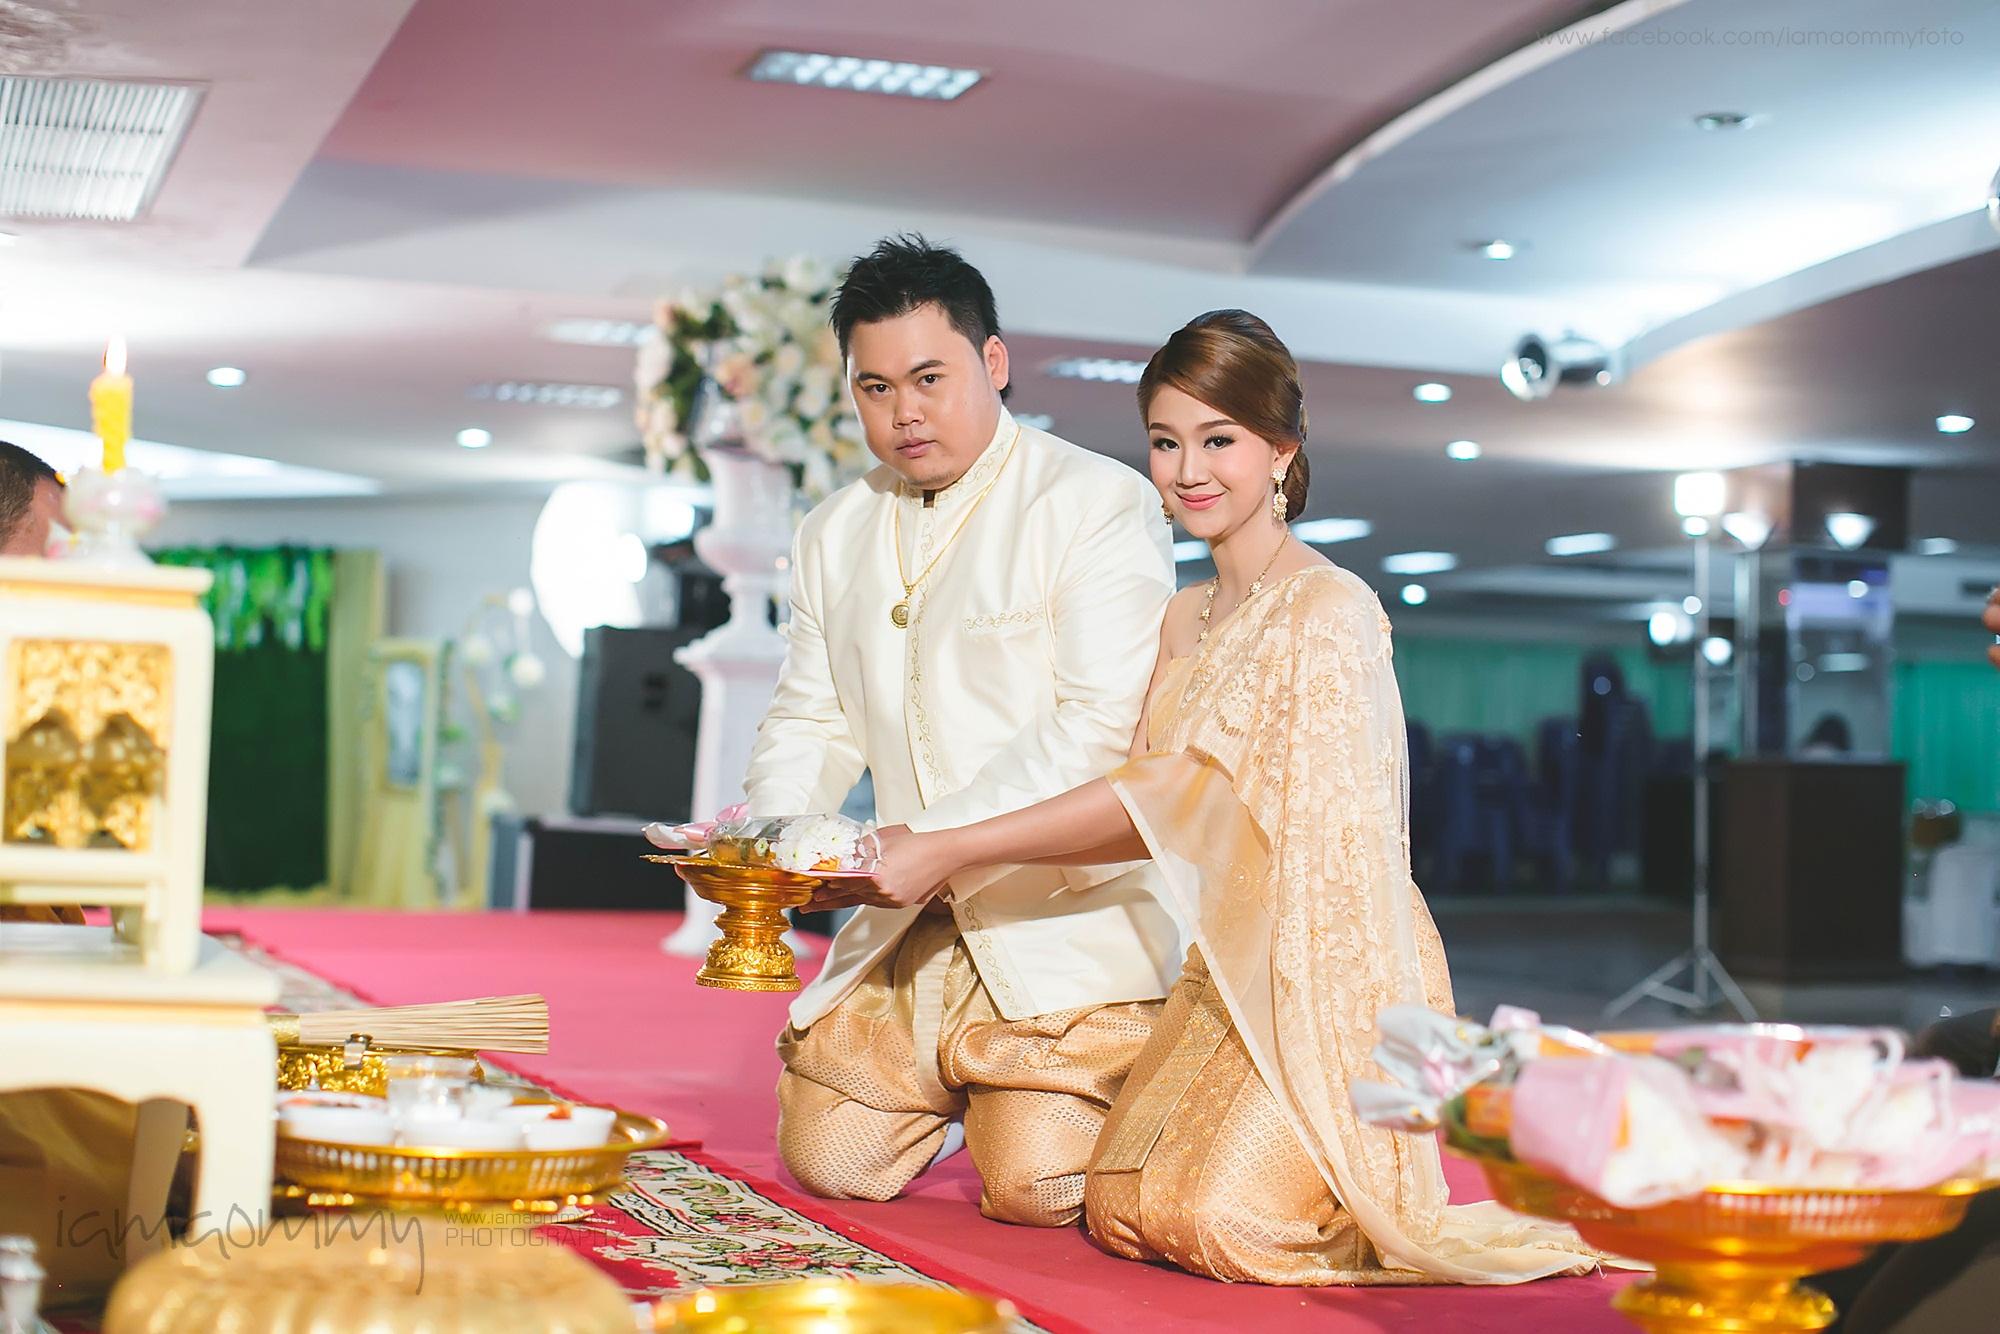 ถ่ายภาพแต่งงงาน_สมาคมชาวปักษ์ใต้_Elle&Nut_0182